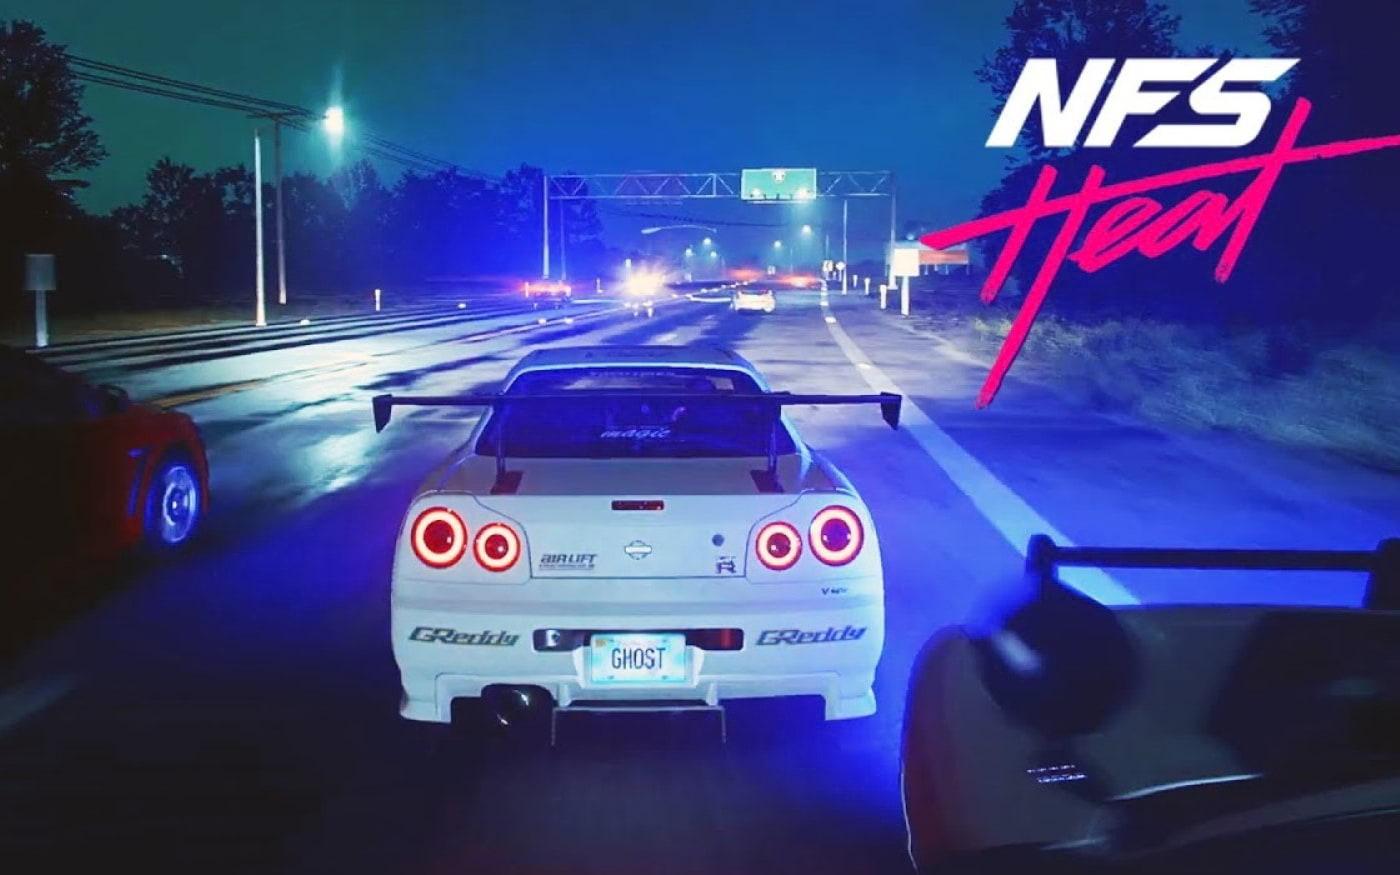 [Need for Speed Heat] Playstation revela trailer de lançamento do jogo